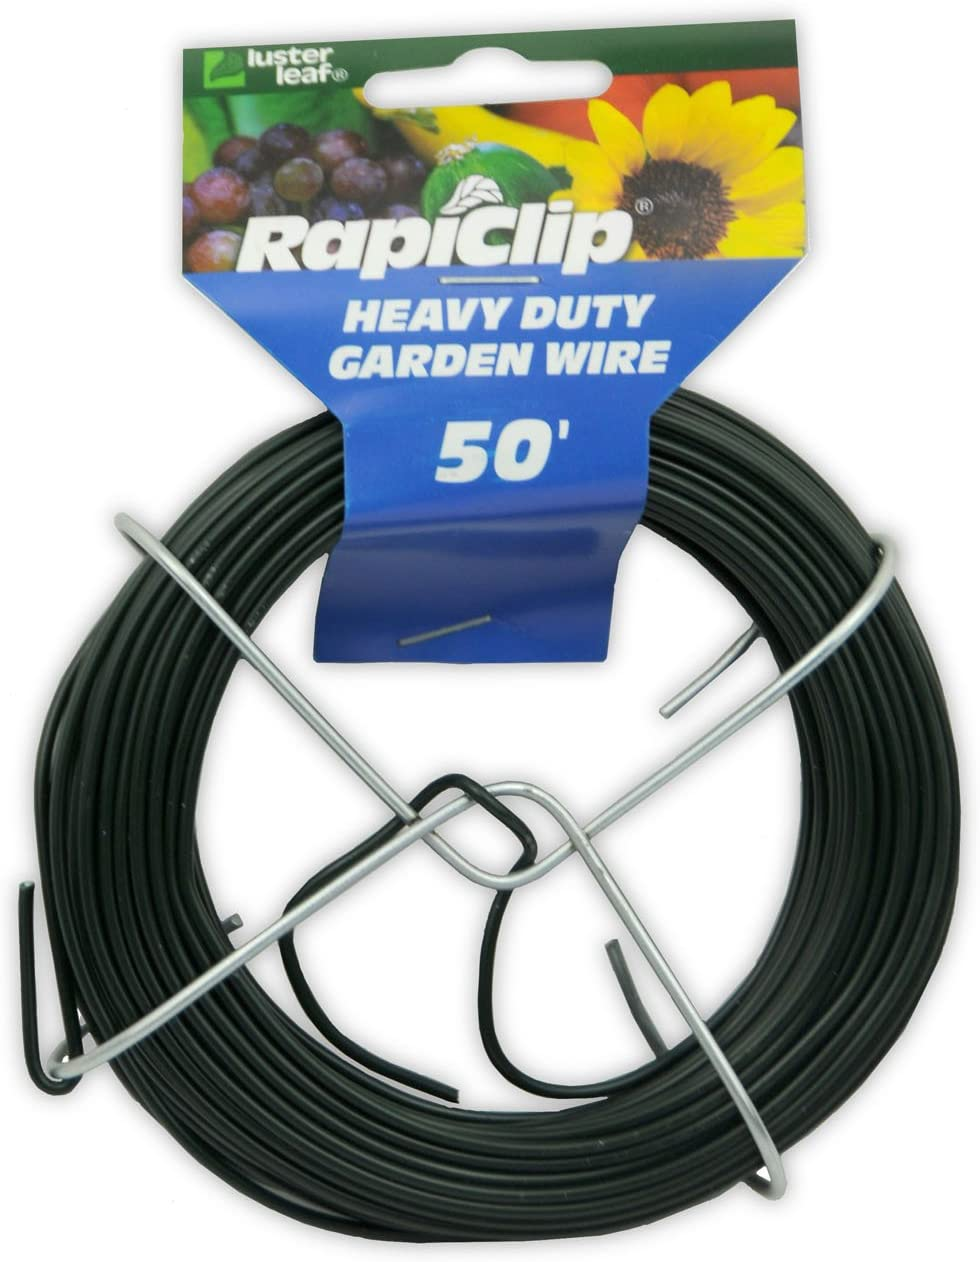 Luster Leaf Rapiclip Heavy Duty Garden Wire - 50 Foot Roll 834